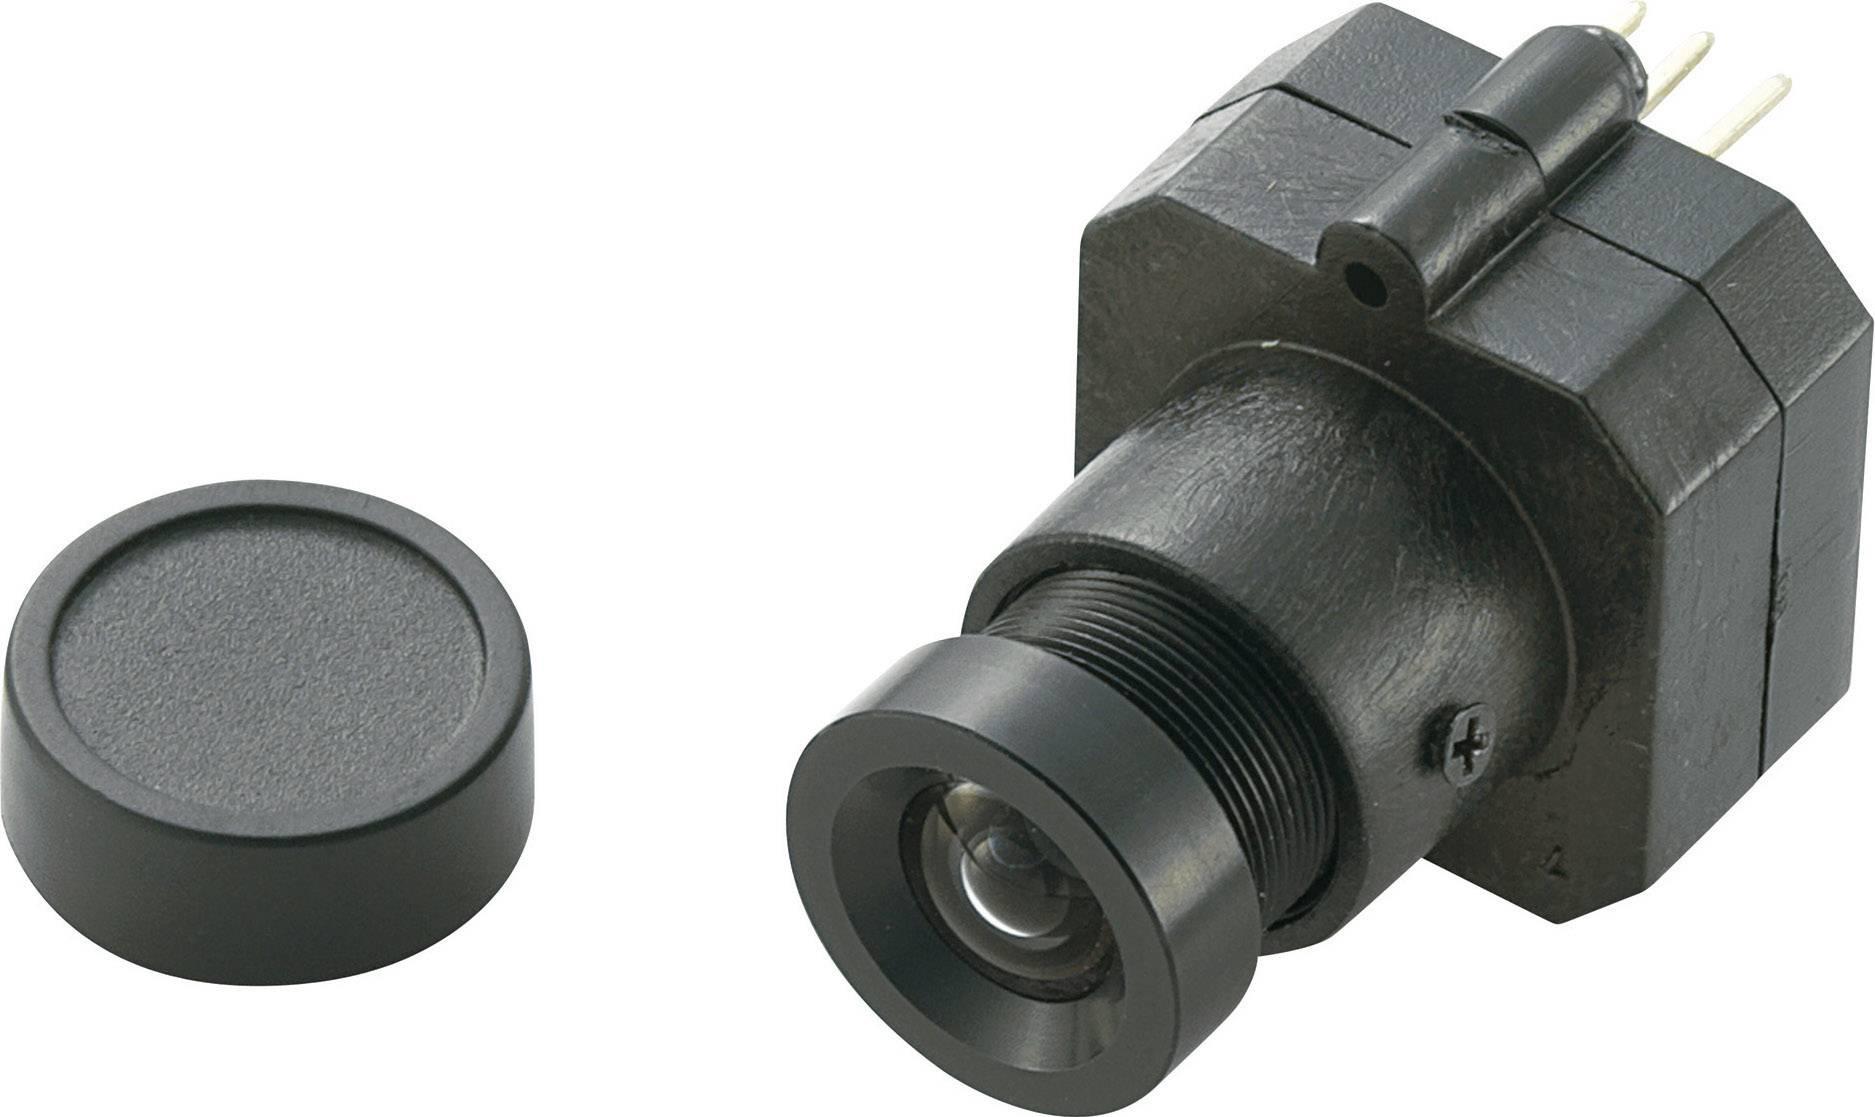 Farebný CMOS mini kamerový modul RS-OV7949-1818, 5 V / DC